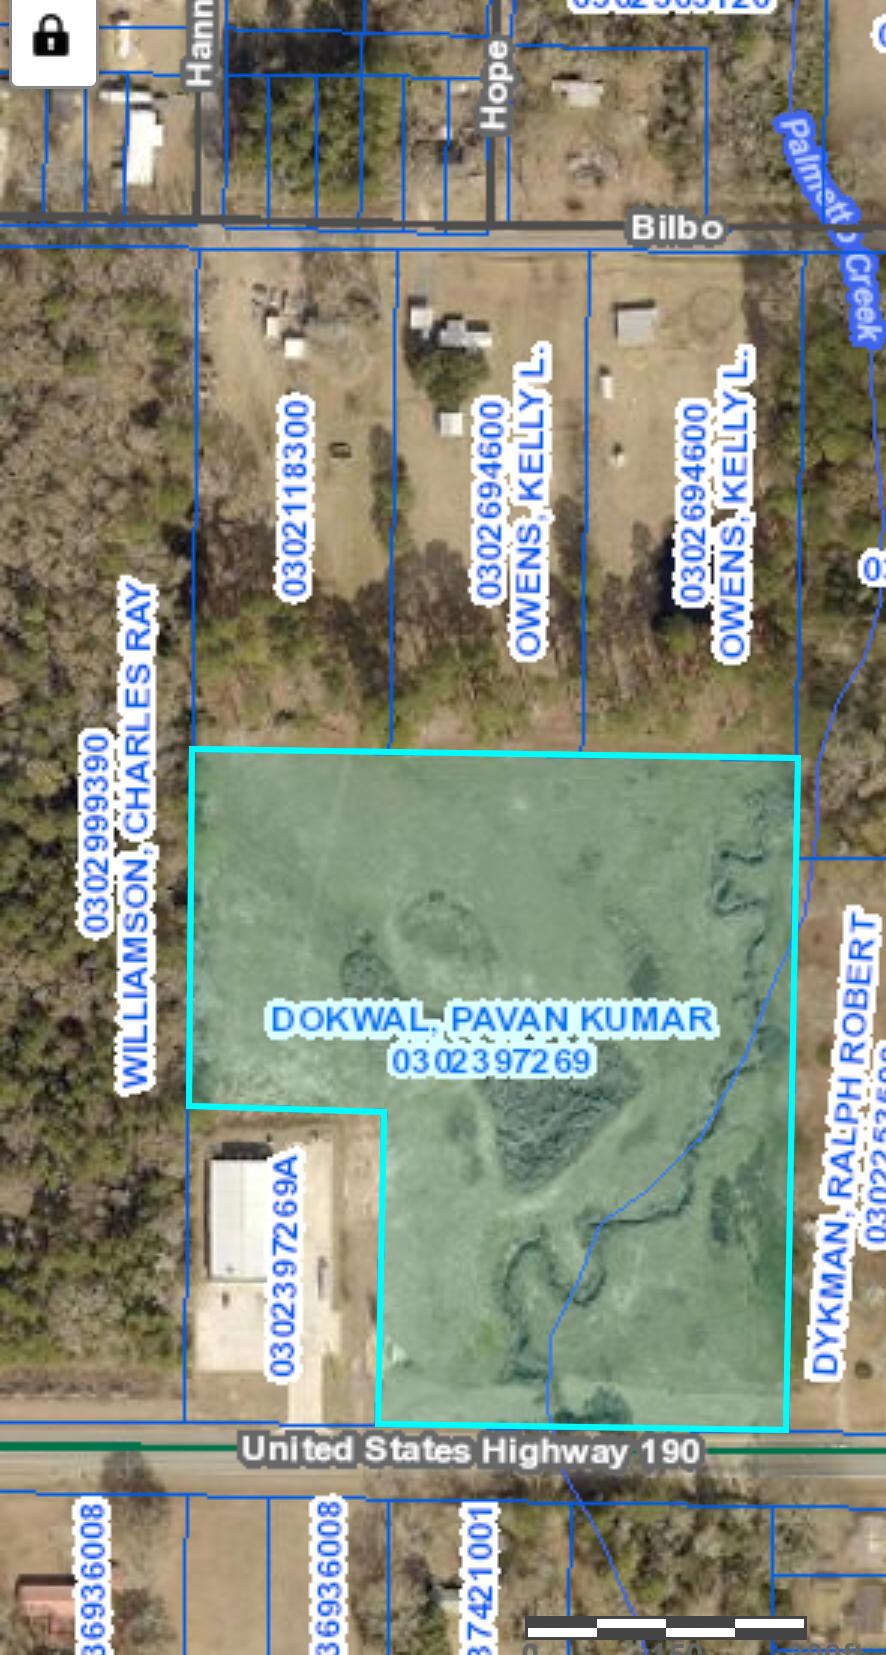 US-190, DeRidder LA land for sale $149,900 MLS 26-2155 on